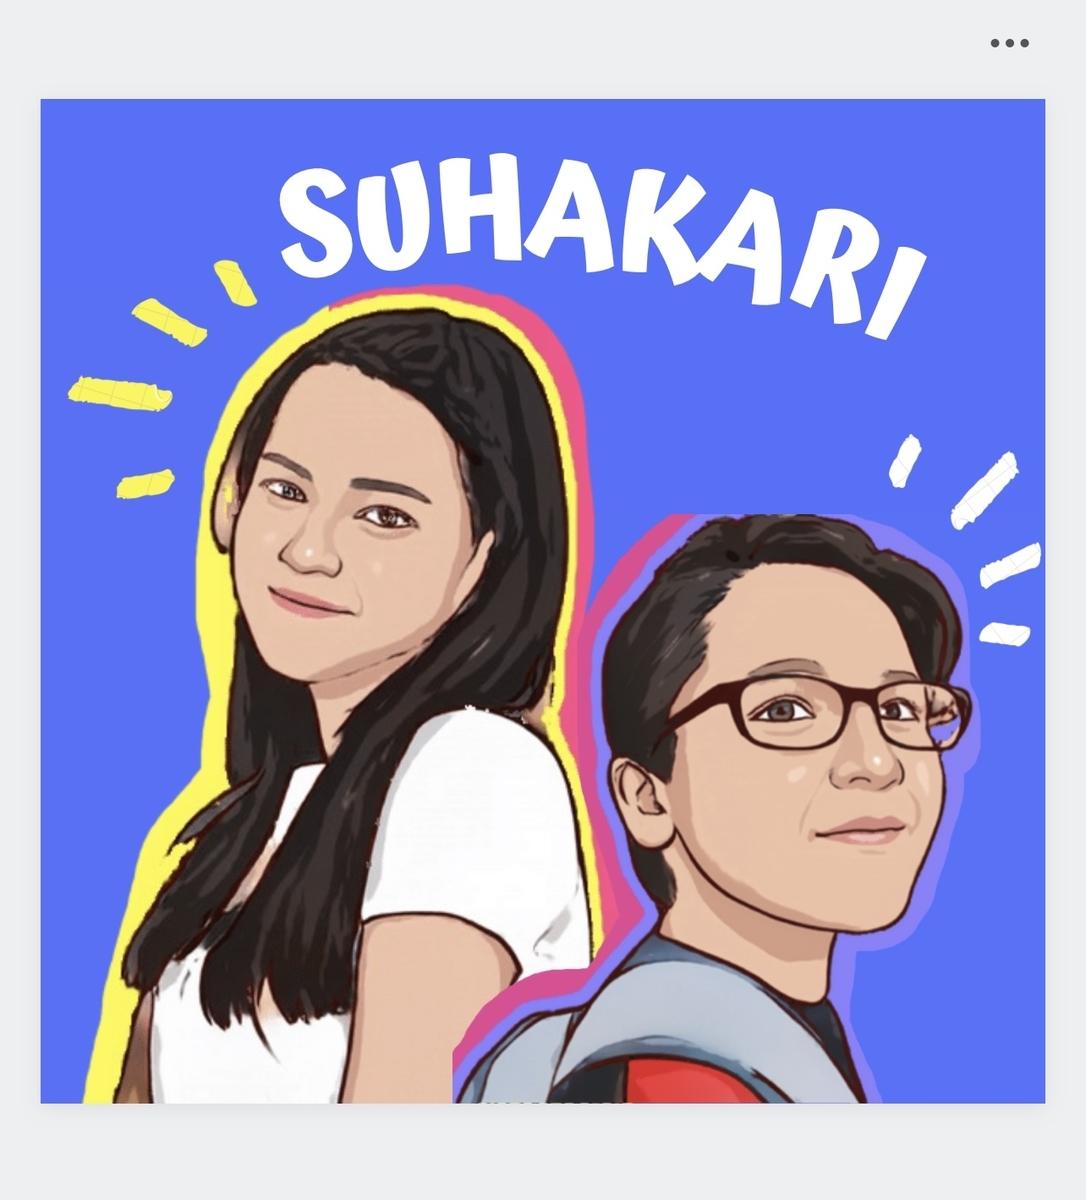 f:id:suhakarifamily:20210516195035j:plain